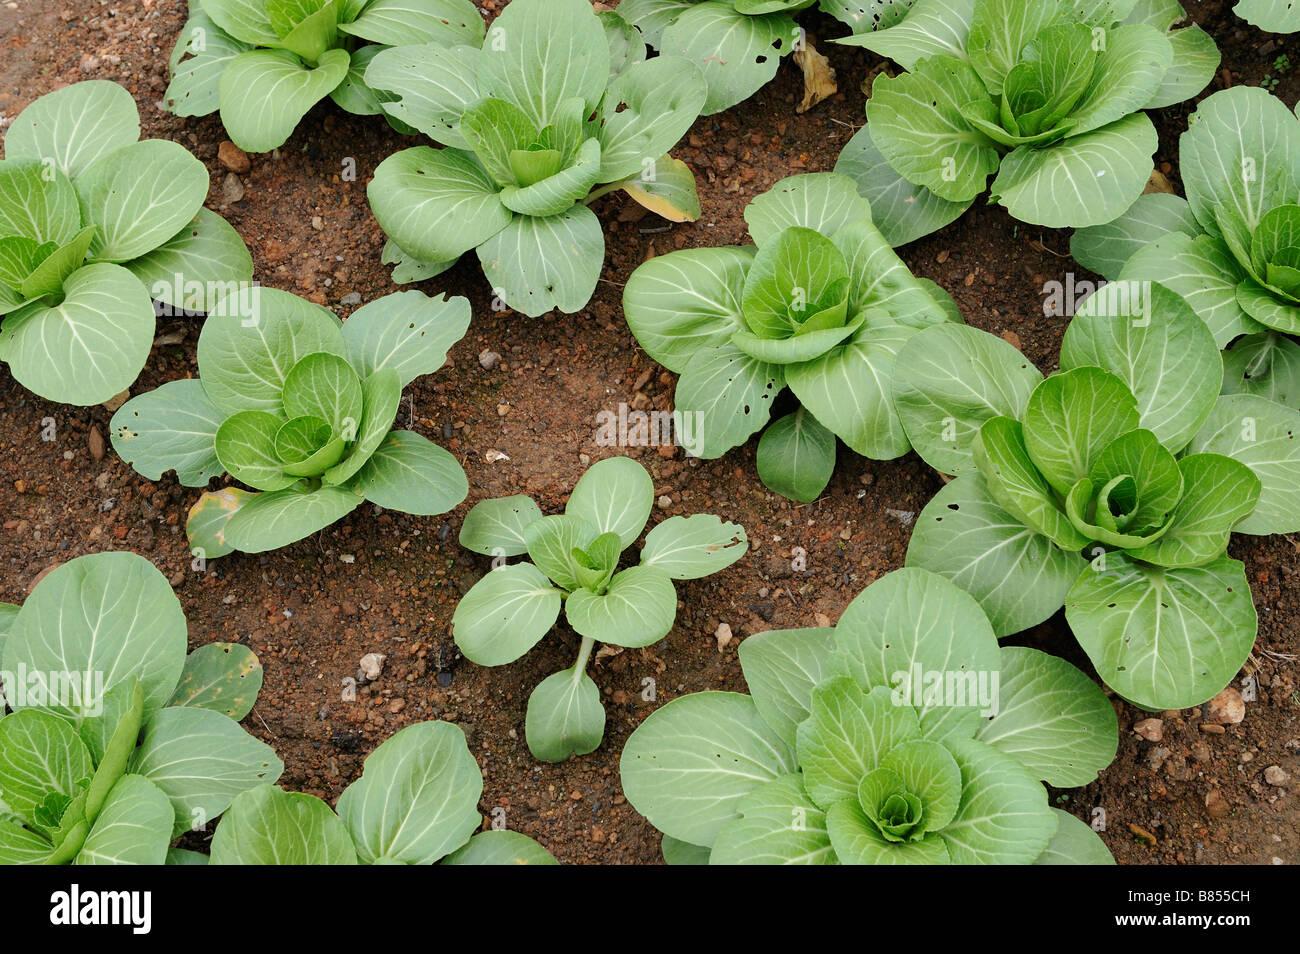 Chinese Yu choy Vegetable. - Stock Image